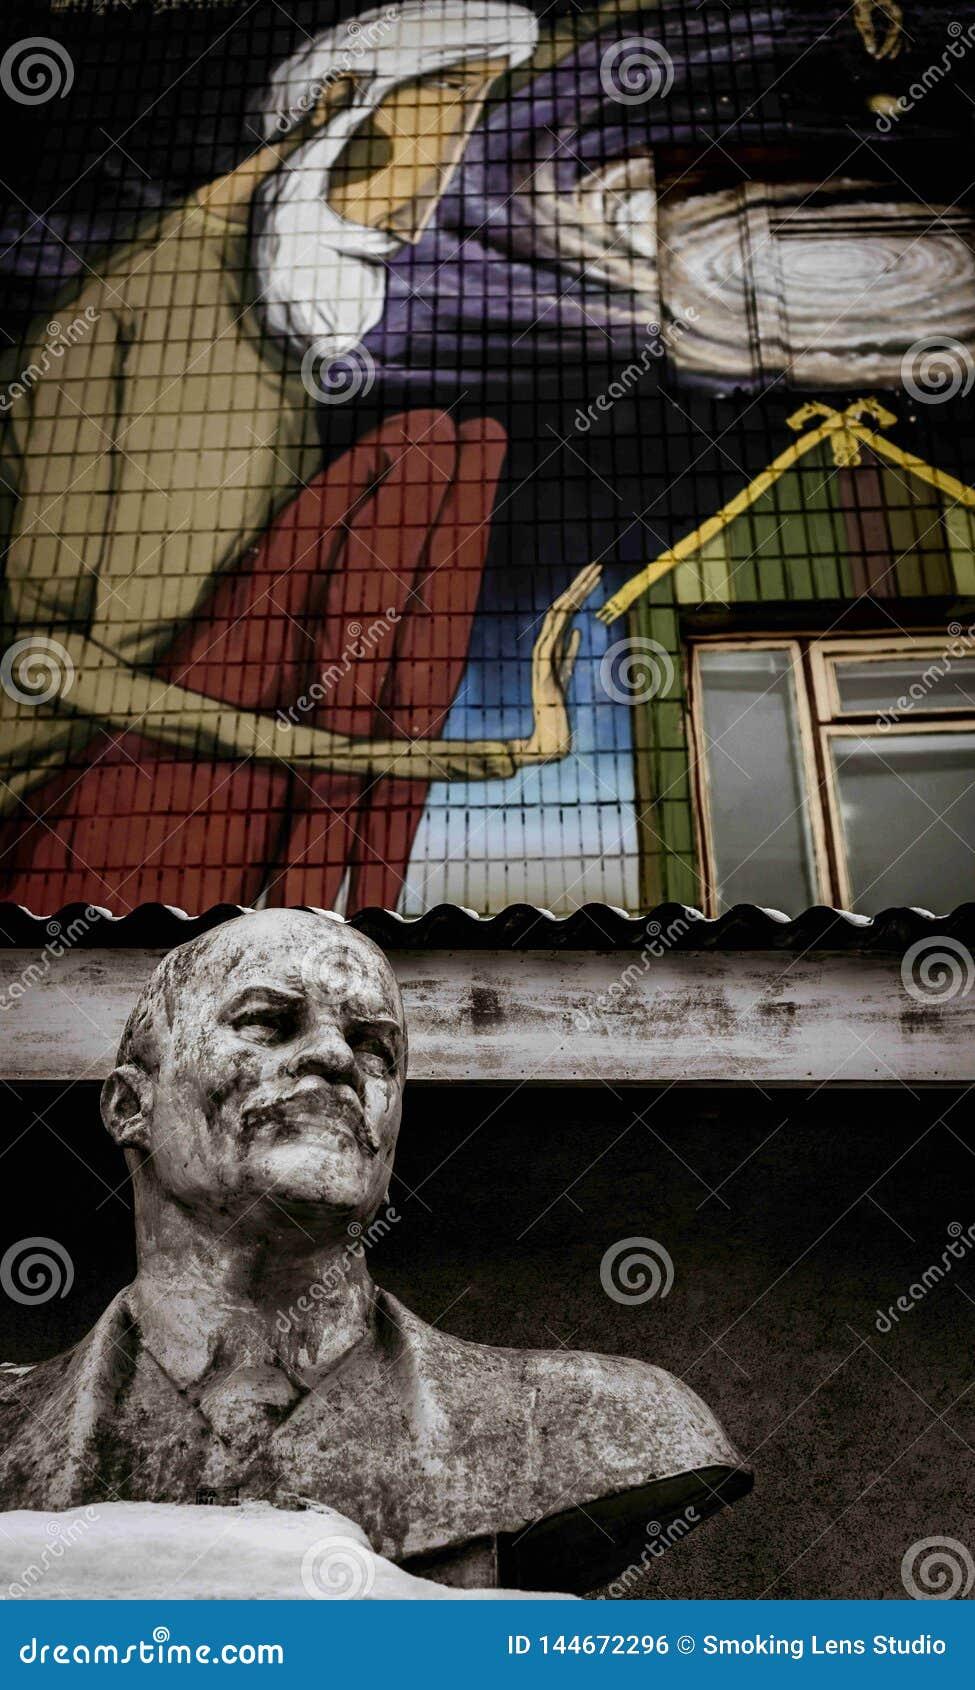 Mink_Lenin_Statue_Wall_Graffiti